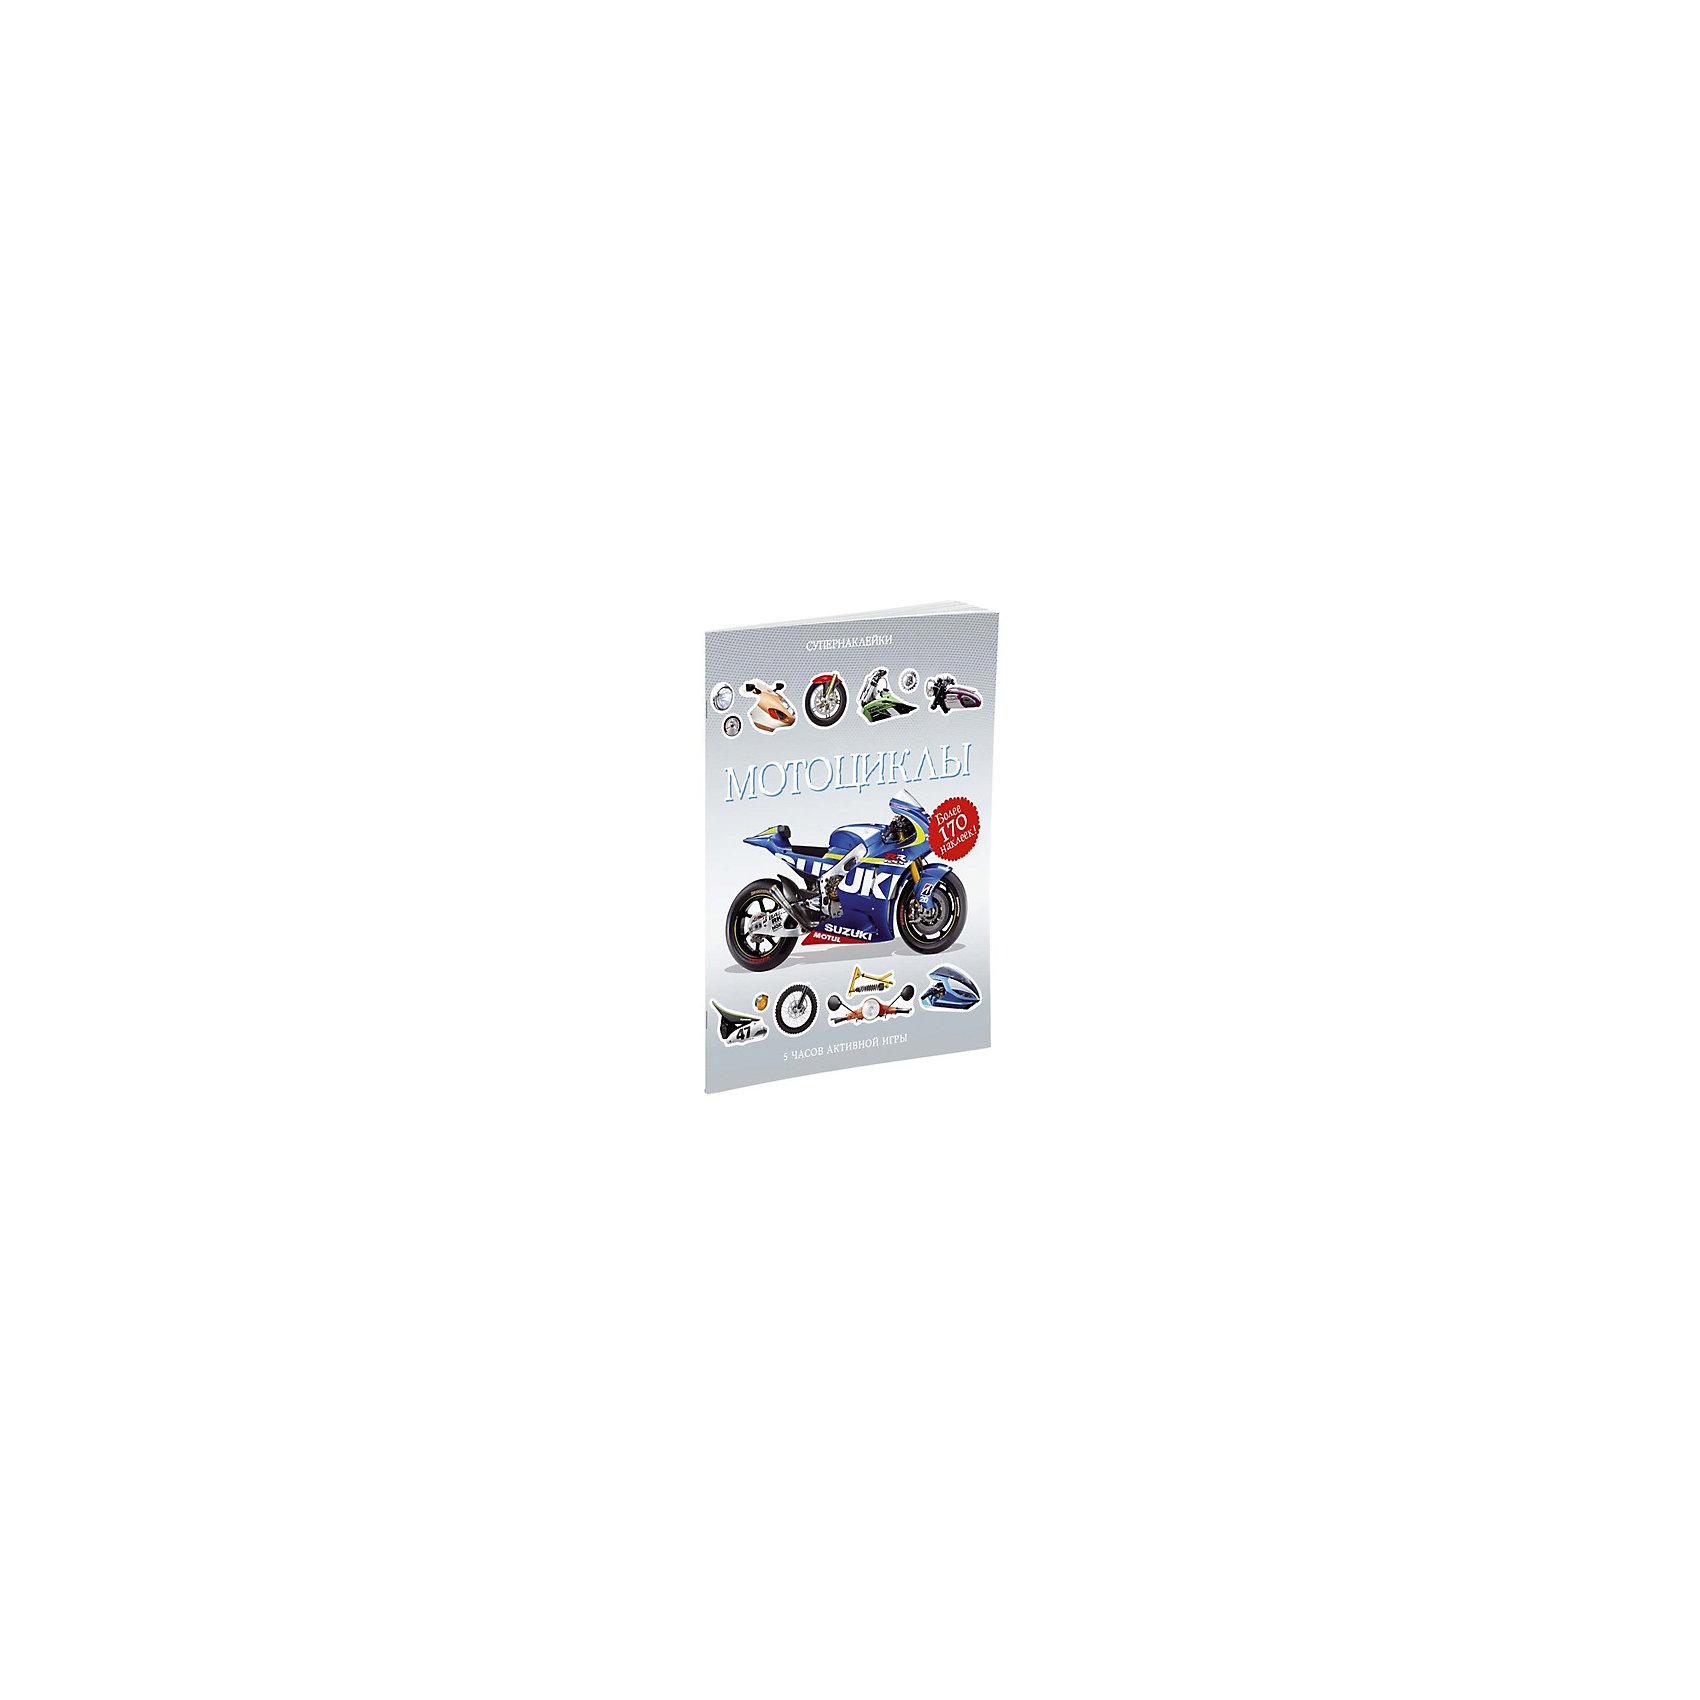 Наклейки Мотоциклы, MACHAONКнижки с наклейками<br>Книжка с наклейками Мотоциклы.<br><br>Характеристики:<br><br>• Для детей в возрасте: от 12 месяцев до 3 лет<br>• Автор: С. Тадхоуп<br>• Переводчик: И. Евтишенков<br>• Иллюстраторы: Д. Фокс, А. Манн<br>• Издательство: Махаон, 2017 год<br>• Серия: Супернаклейки<br>• Тип обложки: мягкий переплет (крепление скрепкой или клеем)<br>• Оформление: с наклейками (более 170 наклеек)<br>• Иллюстрации: цветные<br>• Количество страниц: 24 (мелованная)<br>• Размер: 305x240x4 мм.<br>• Вес: 302 гр.<br>• ISBN: 9785389122581<br><br>В этой книжке ты найдёшь самые разные мотоциклы – от ретро-мопеда до суперсовременного гоночного байка! Собери и дополни мотоциклы с помощью наклеек. Читаем и играем! Развиваем внимание, воображение, мелкую моторику и художественный вкус.<br><br>Книжку с наклейками Мотоциклы можно купить в нашем интернет-магазине.<br><br>Ширина мм: 240<br>Глубина мм: 305<br>Высота мм: 40<br>Вес г: 302<br>Возраст от месяцев: 12<br>Возраст до месяцев: 36<br>Пол: Мужской<br>Возраст: Детский<br>SKU: 5493460